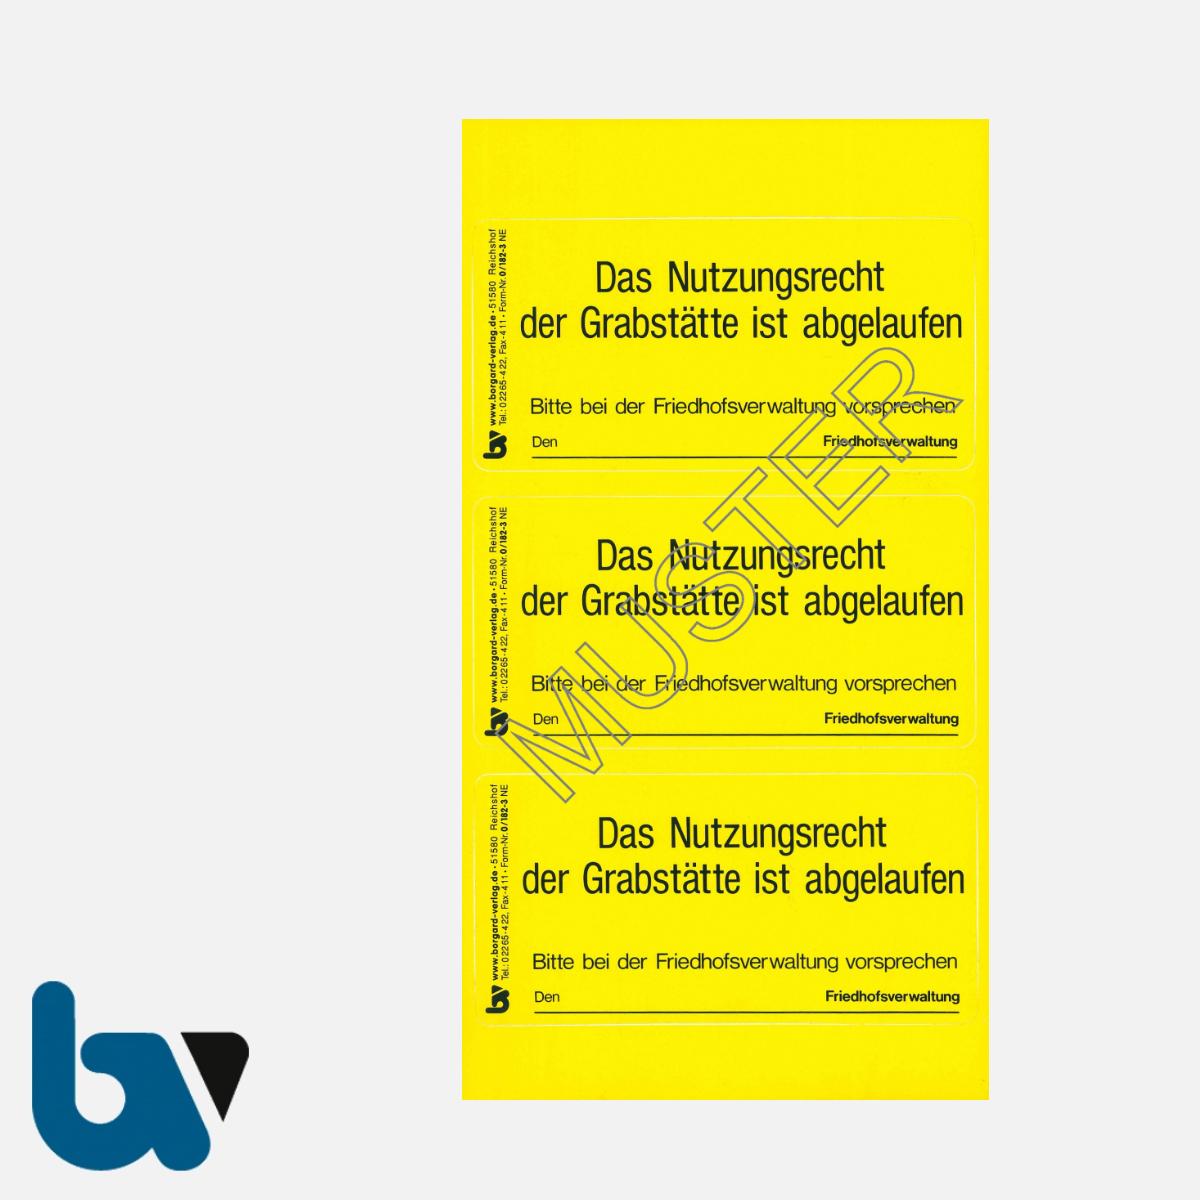 0/182-3 Grab Aufkleber Nutzungsrecht Abgelaufen Vorsprache Aufforderung Friedhof Verwaltung gelb PVC Folie selbstklebend | Borgard Verlag GmbH